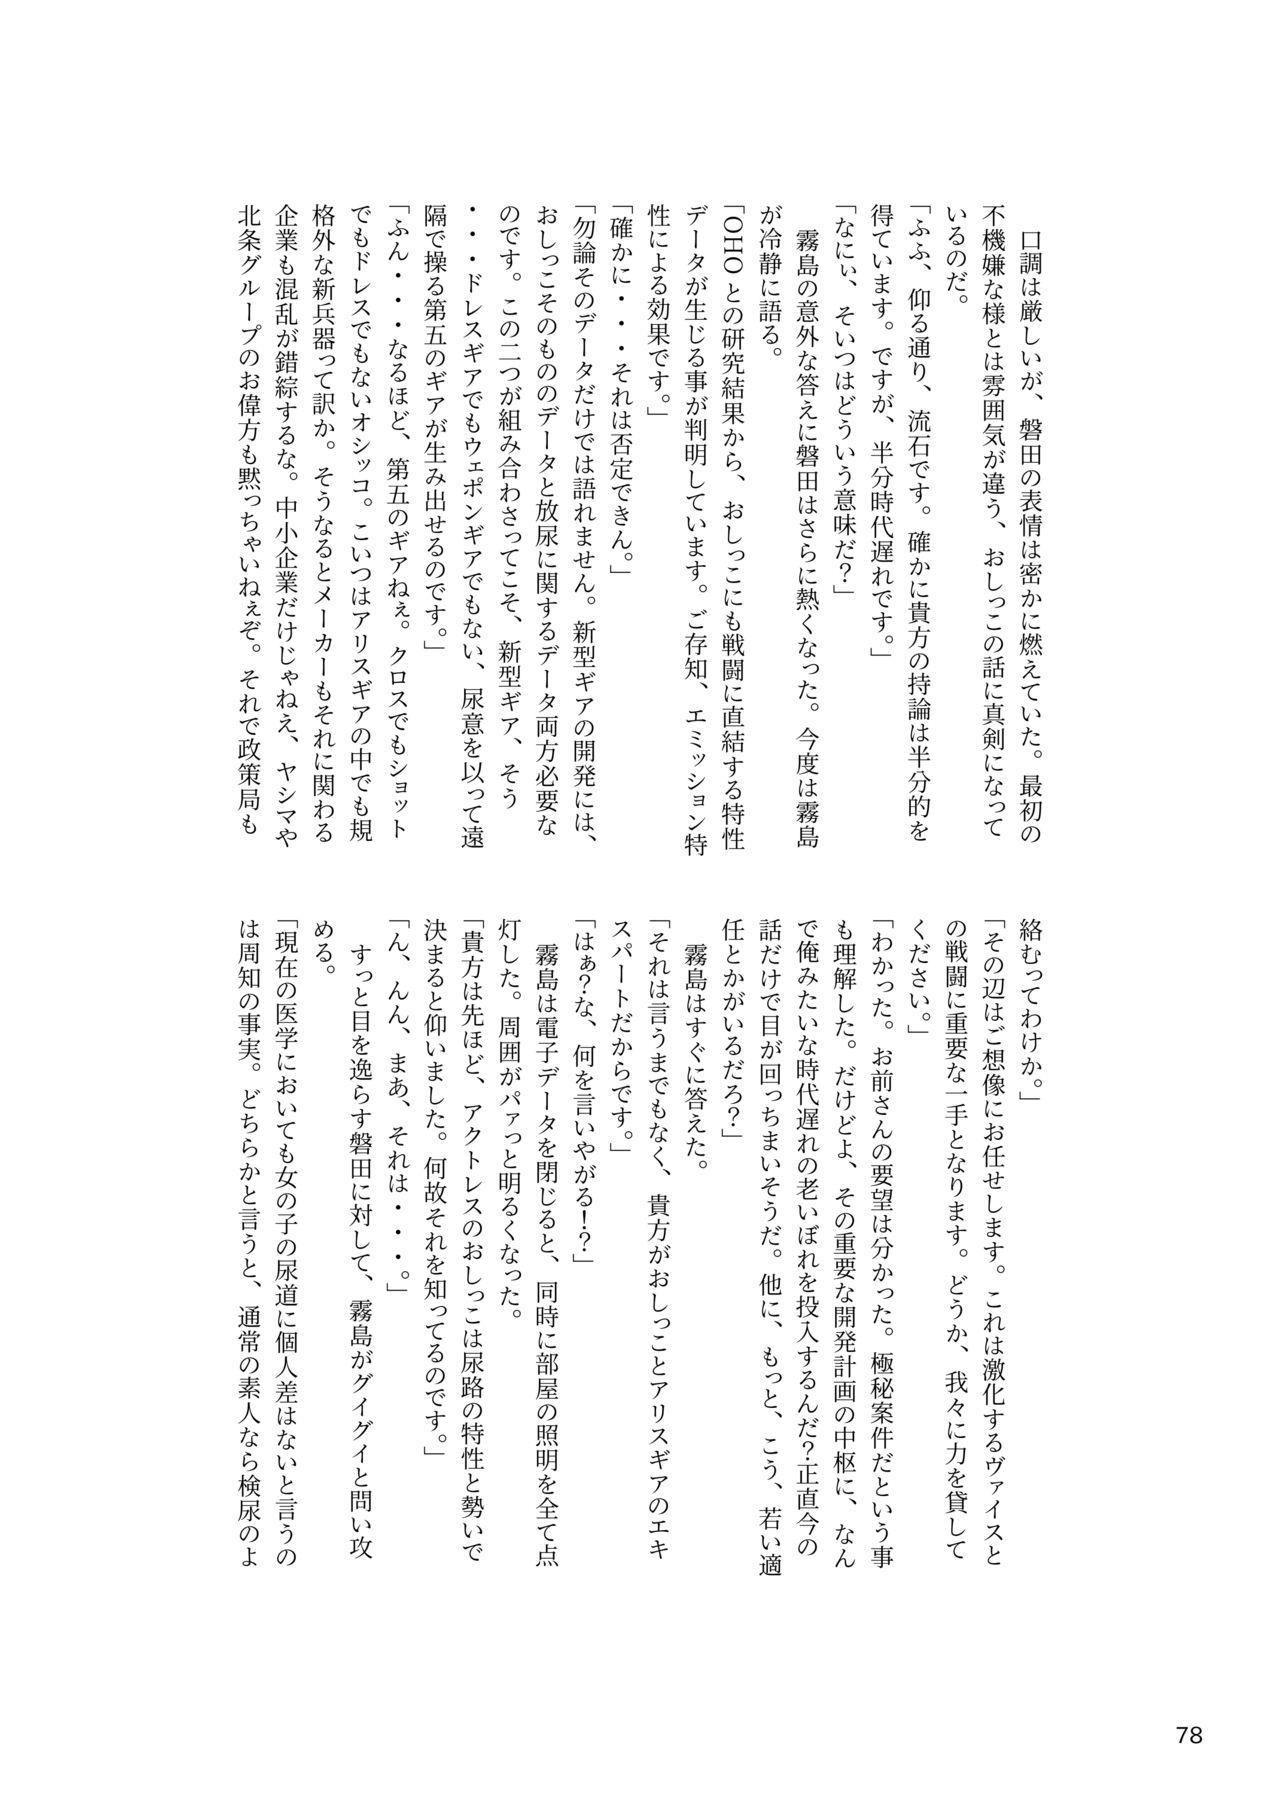 ア○スギア総合スカトロアンソロジー アクトレス排泄実態調査任務~スカポためるっすか!?~ 77